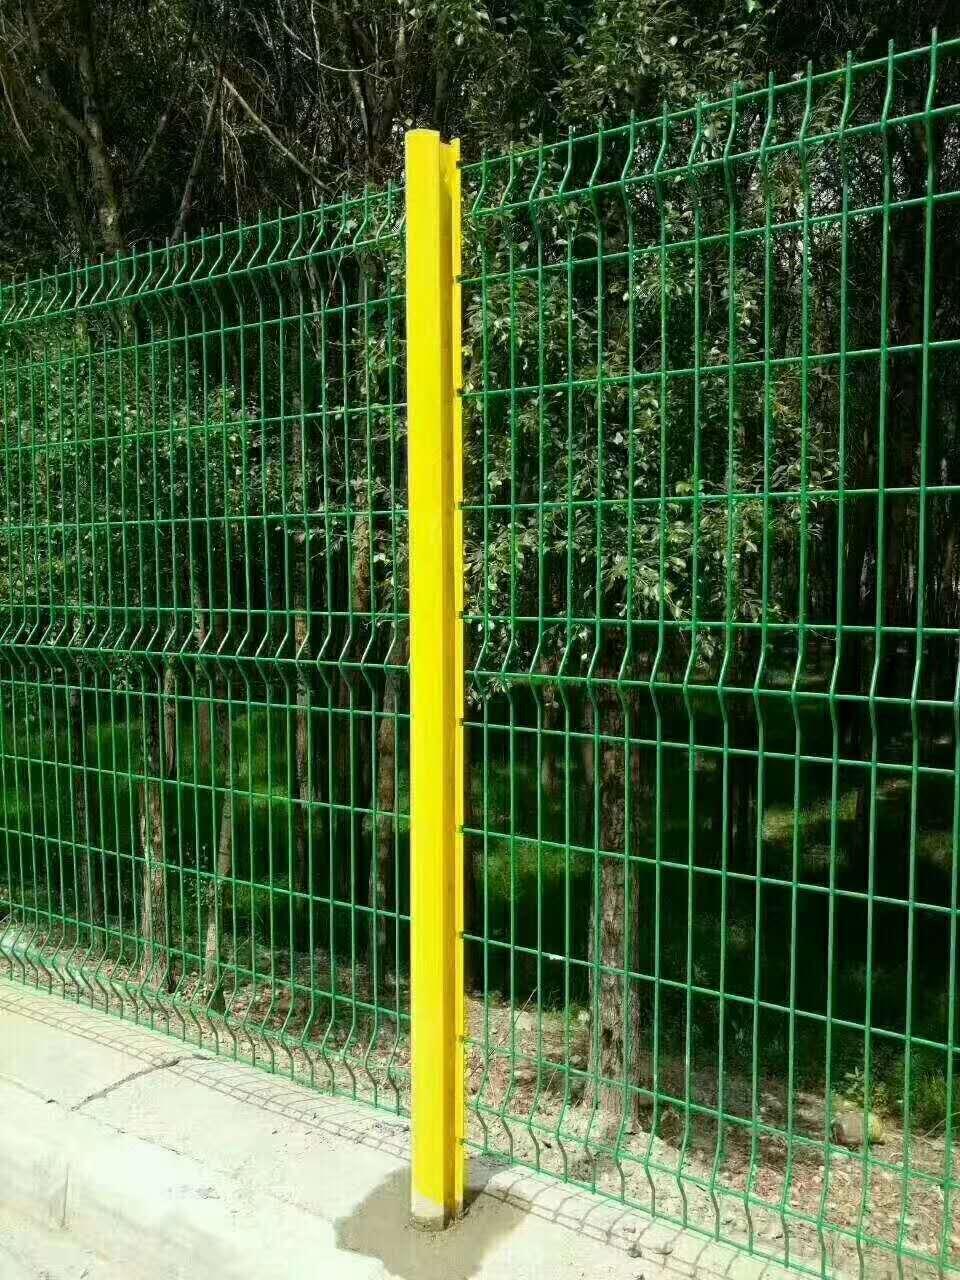 双边丝护栏网图片,,铁路护栏网片,圈地护栏网,,土地护栏网护栏网厂家供应商